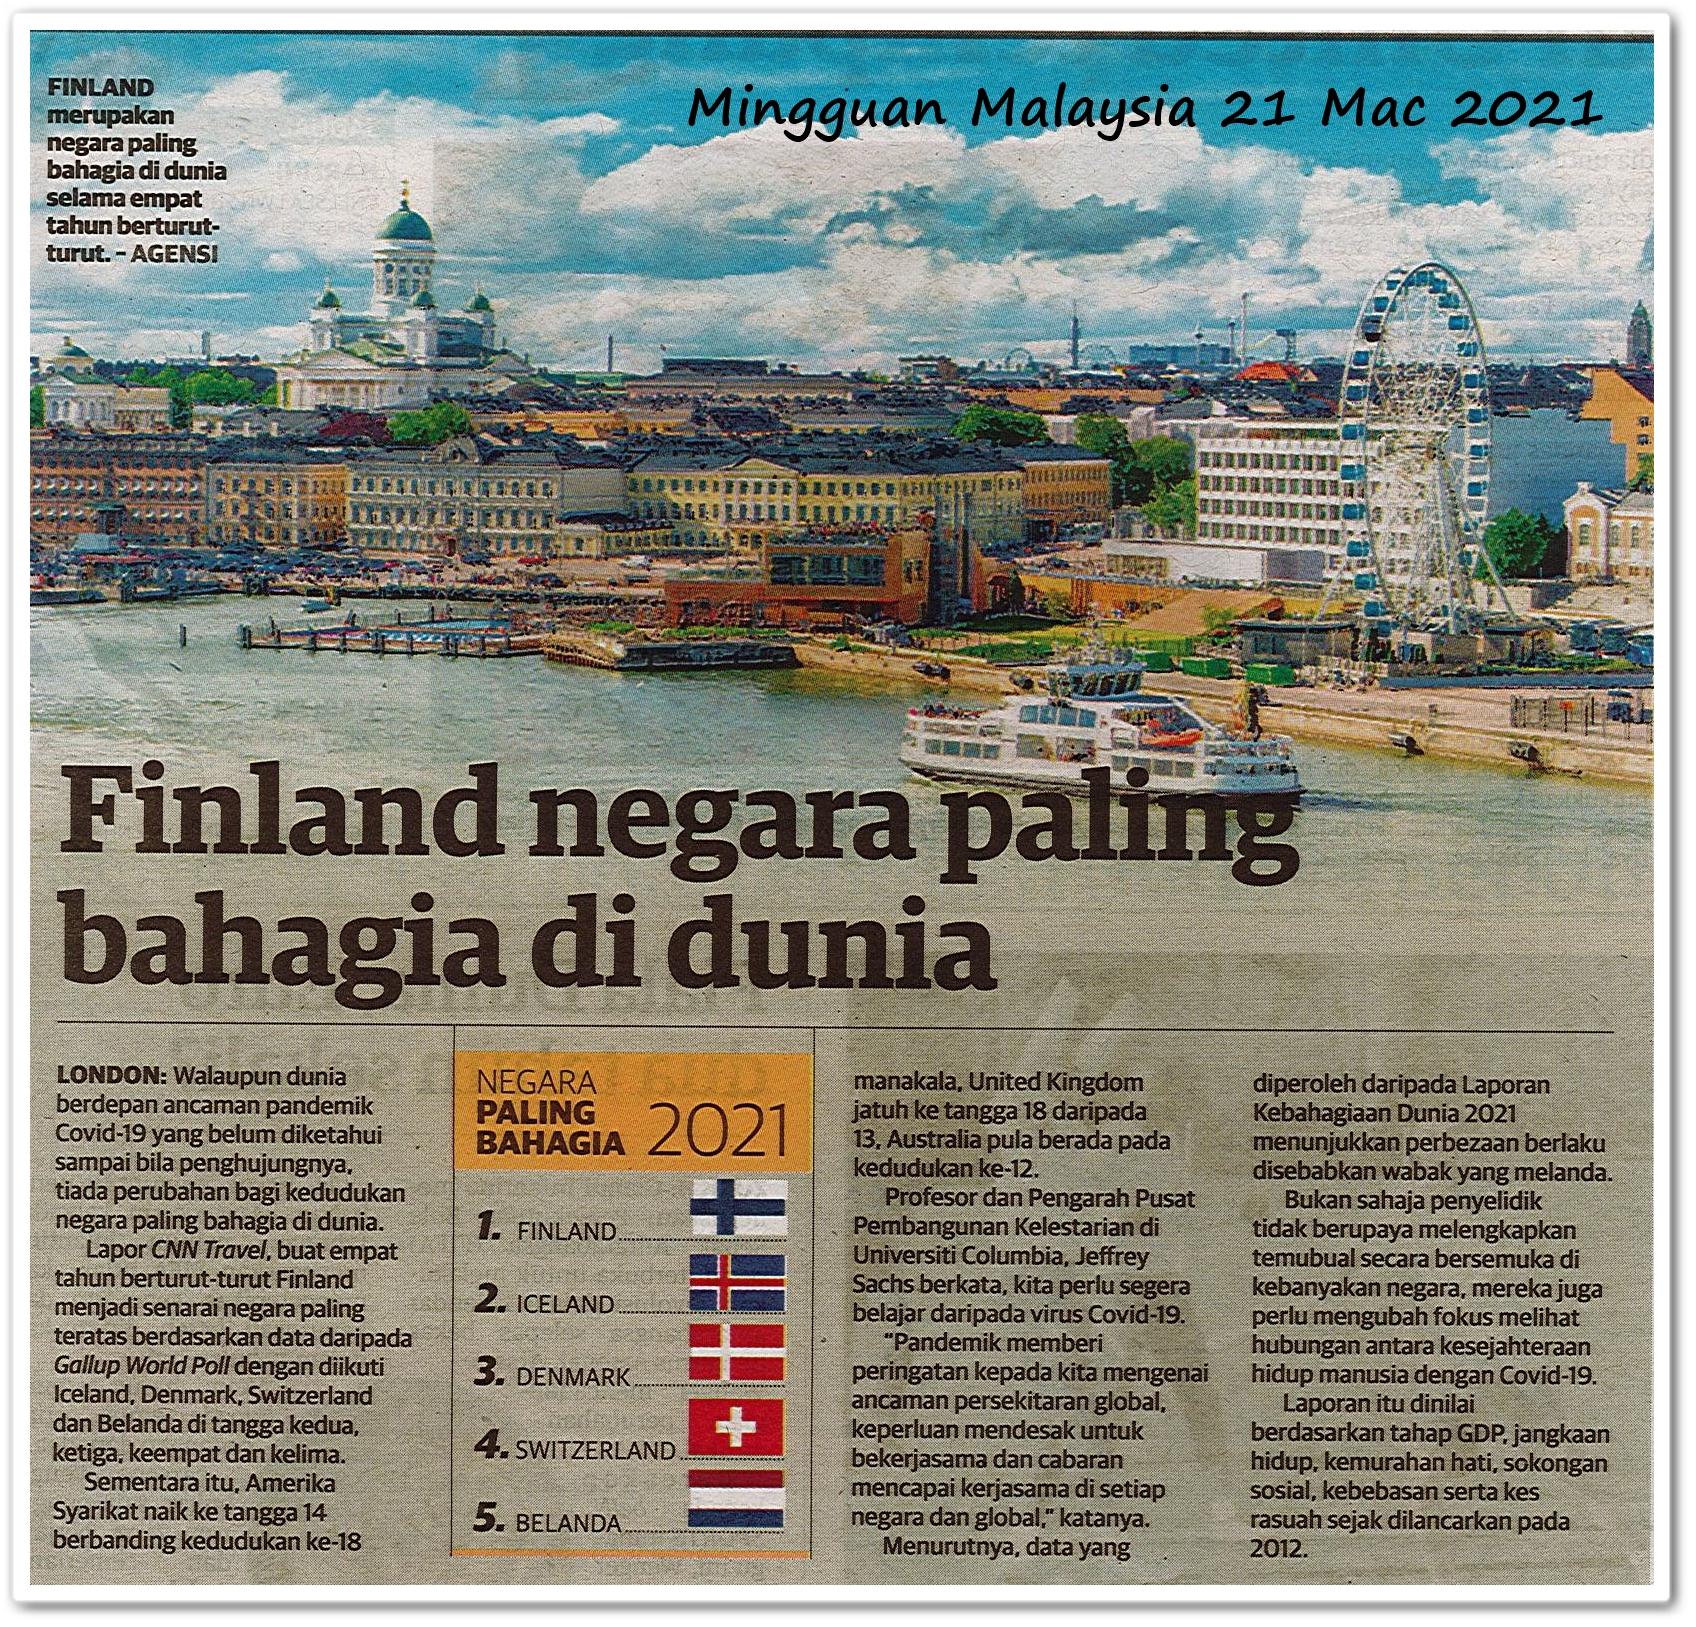 Finland negara paling bahagia di dunia - Keratan akhbar Mingguan Malaysia 21 Mac 2021